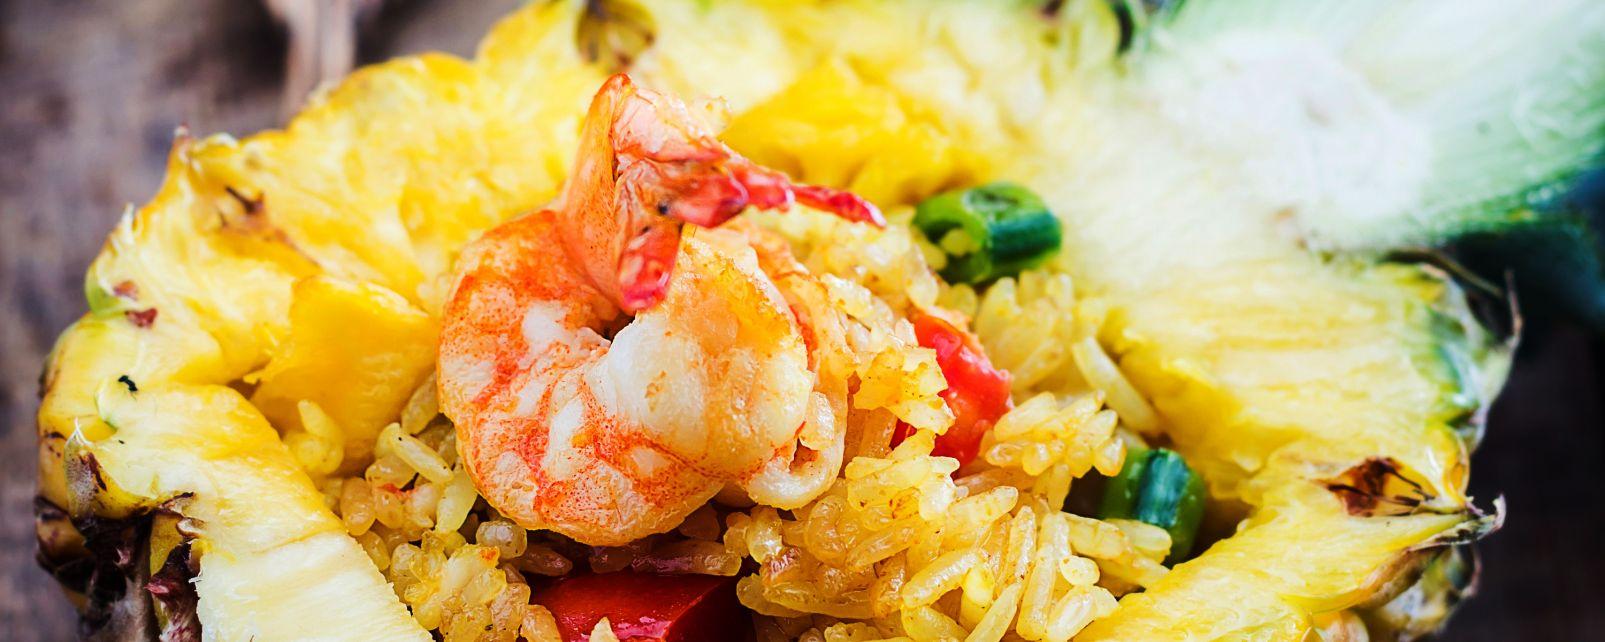 La gastronomie, alimentation, nourriture, USA, amérique, etats-unis, recette, hawaii, hawaii, ananas, riz, crevette